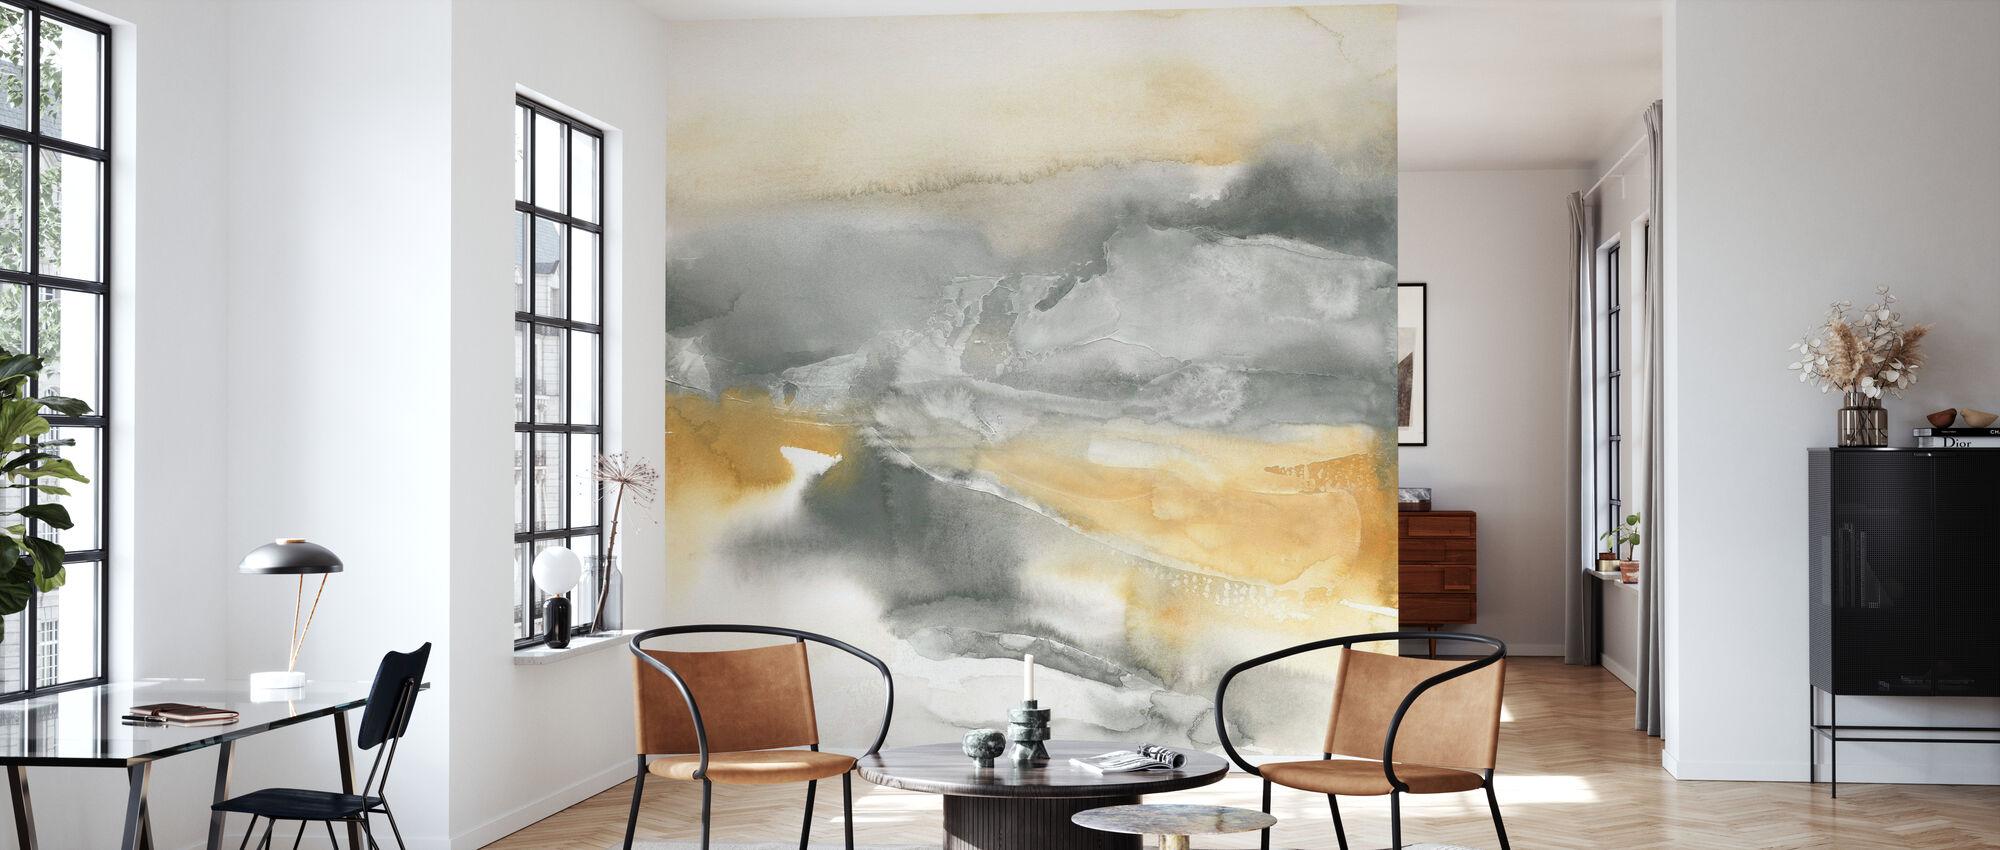 Watercolor Minerals II - Wallpaper - Living Room